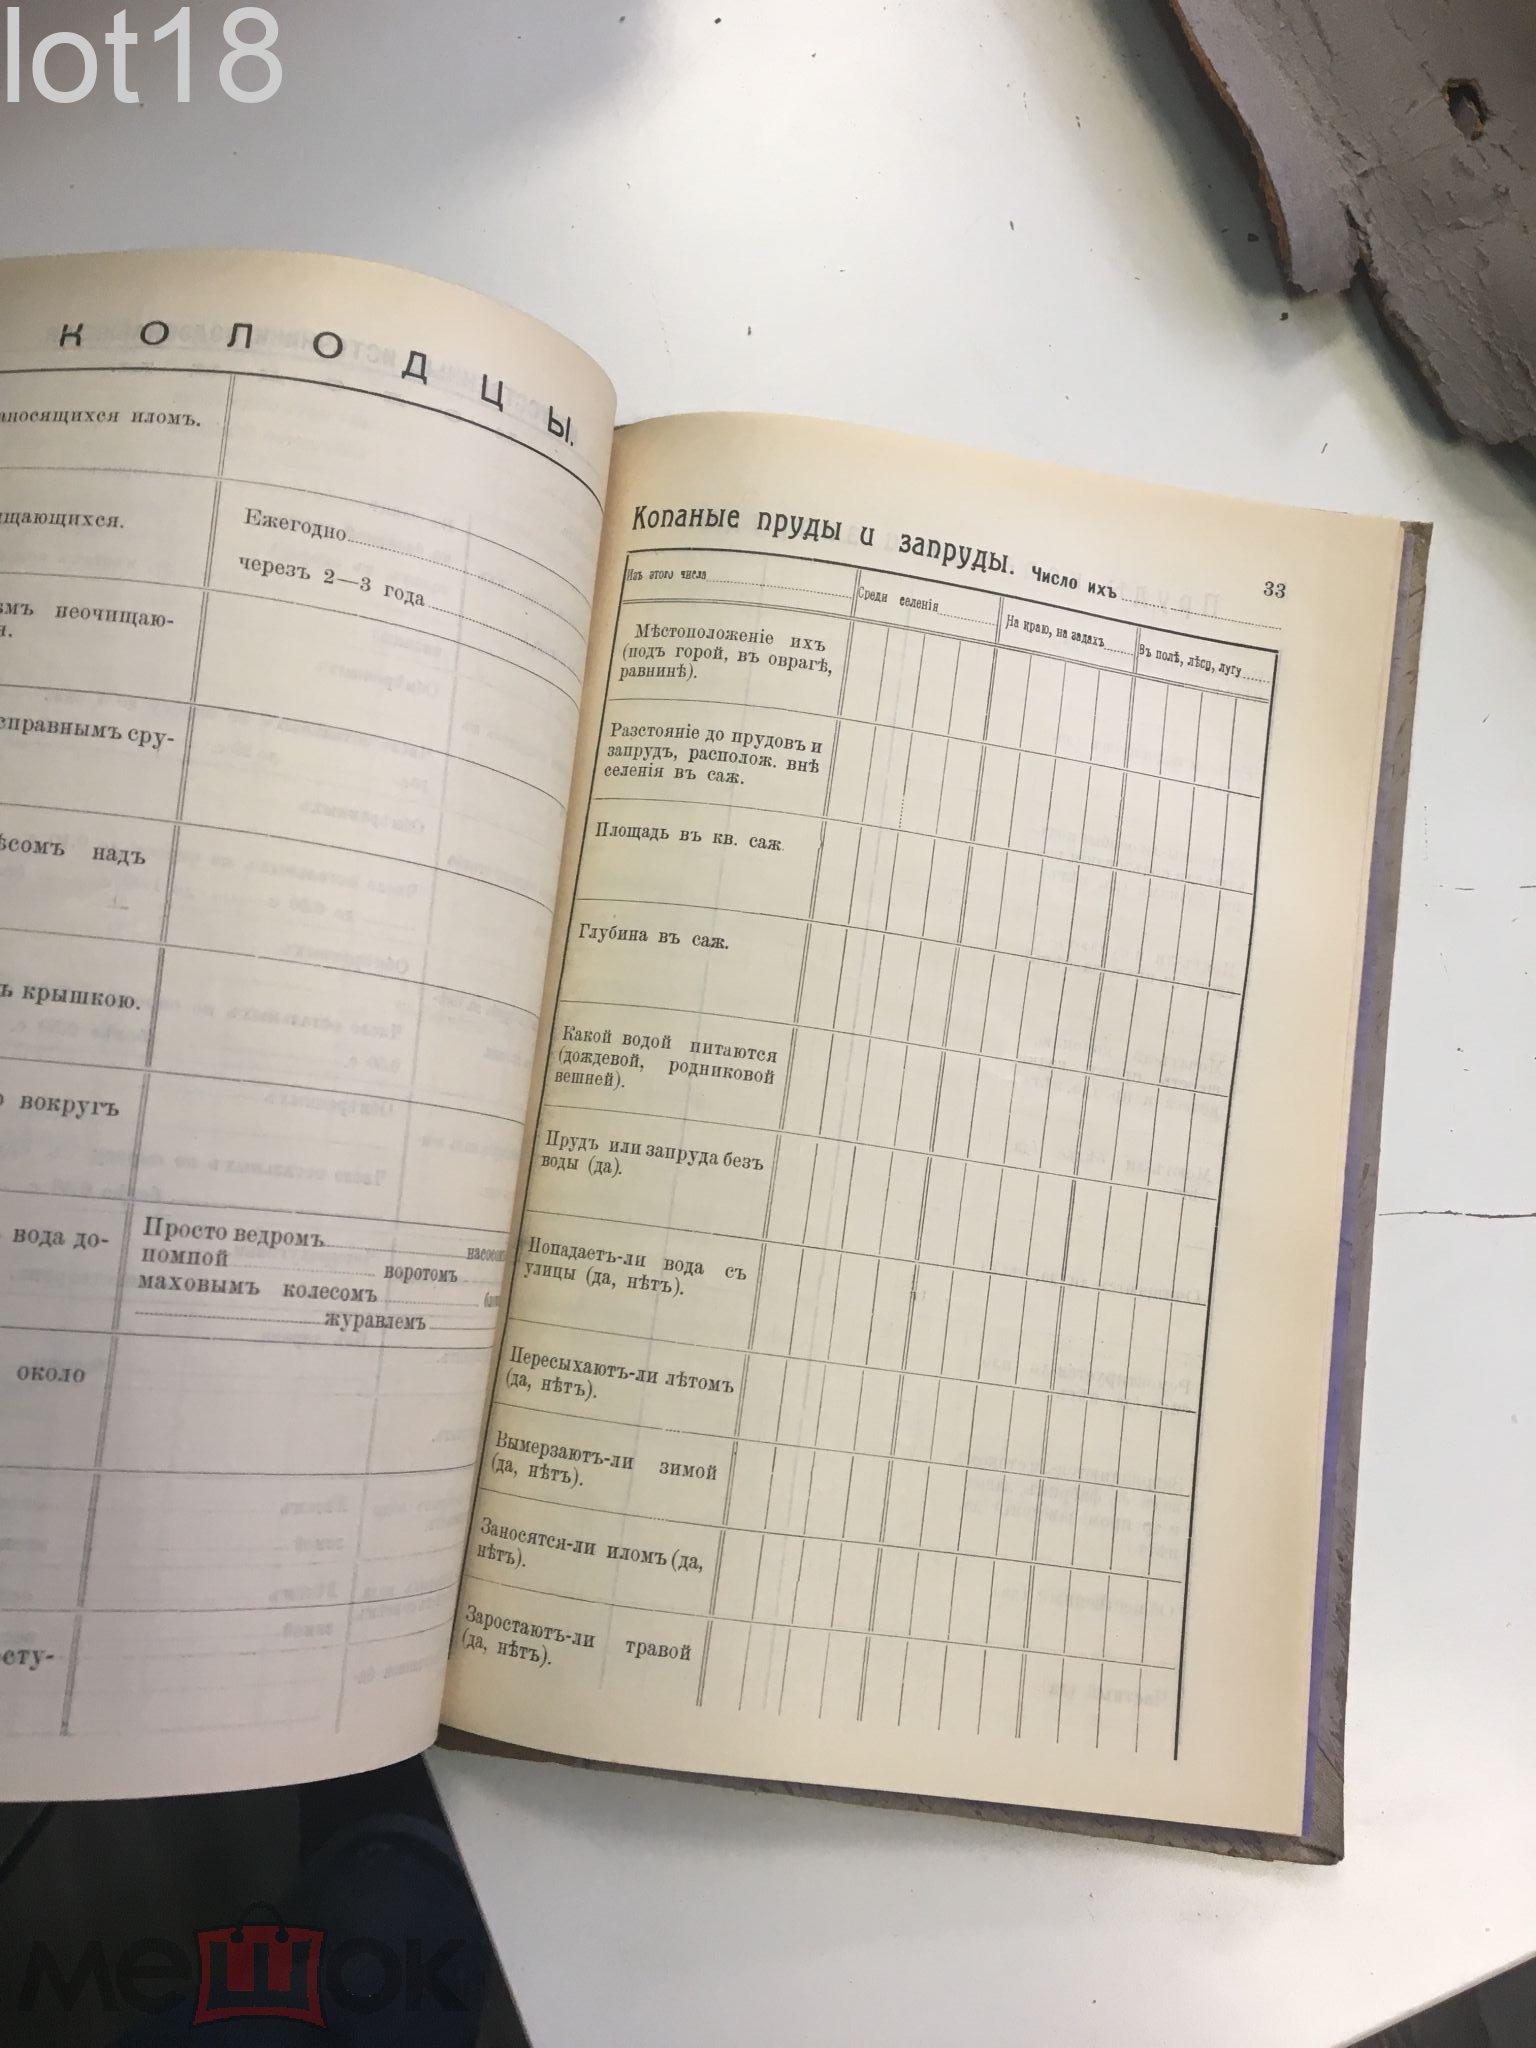 Гидротехнические работы по водоснабжению селений в Нижегородской губернии, 1897-1912